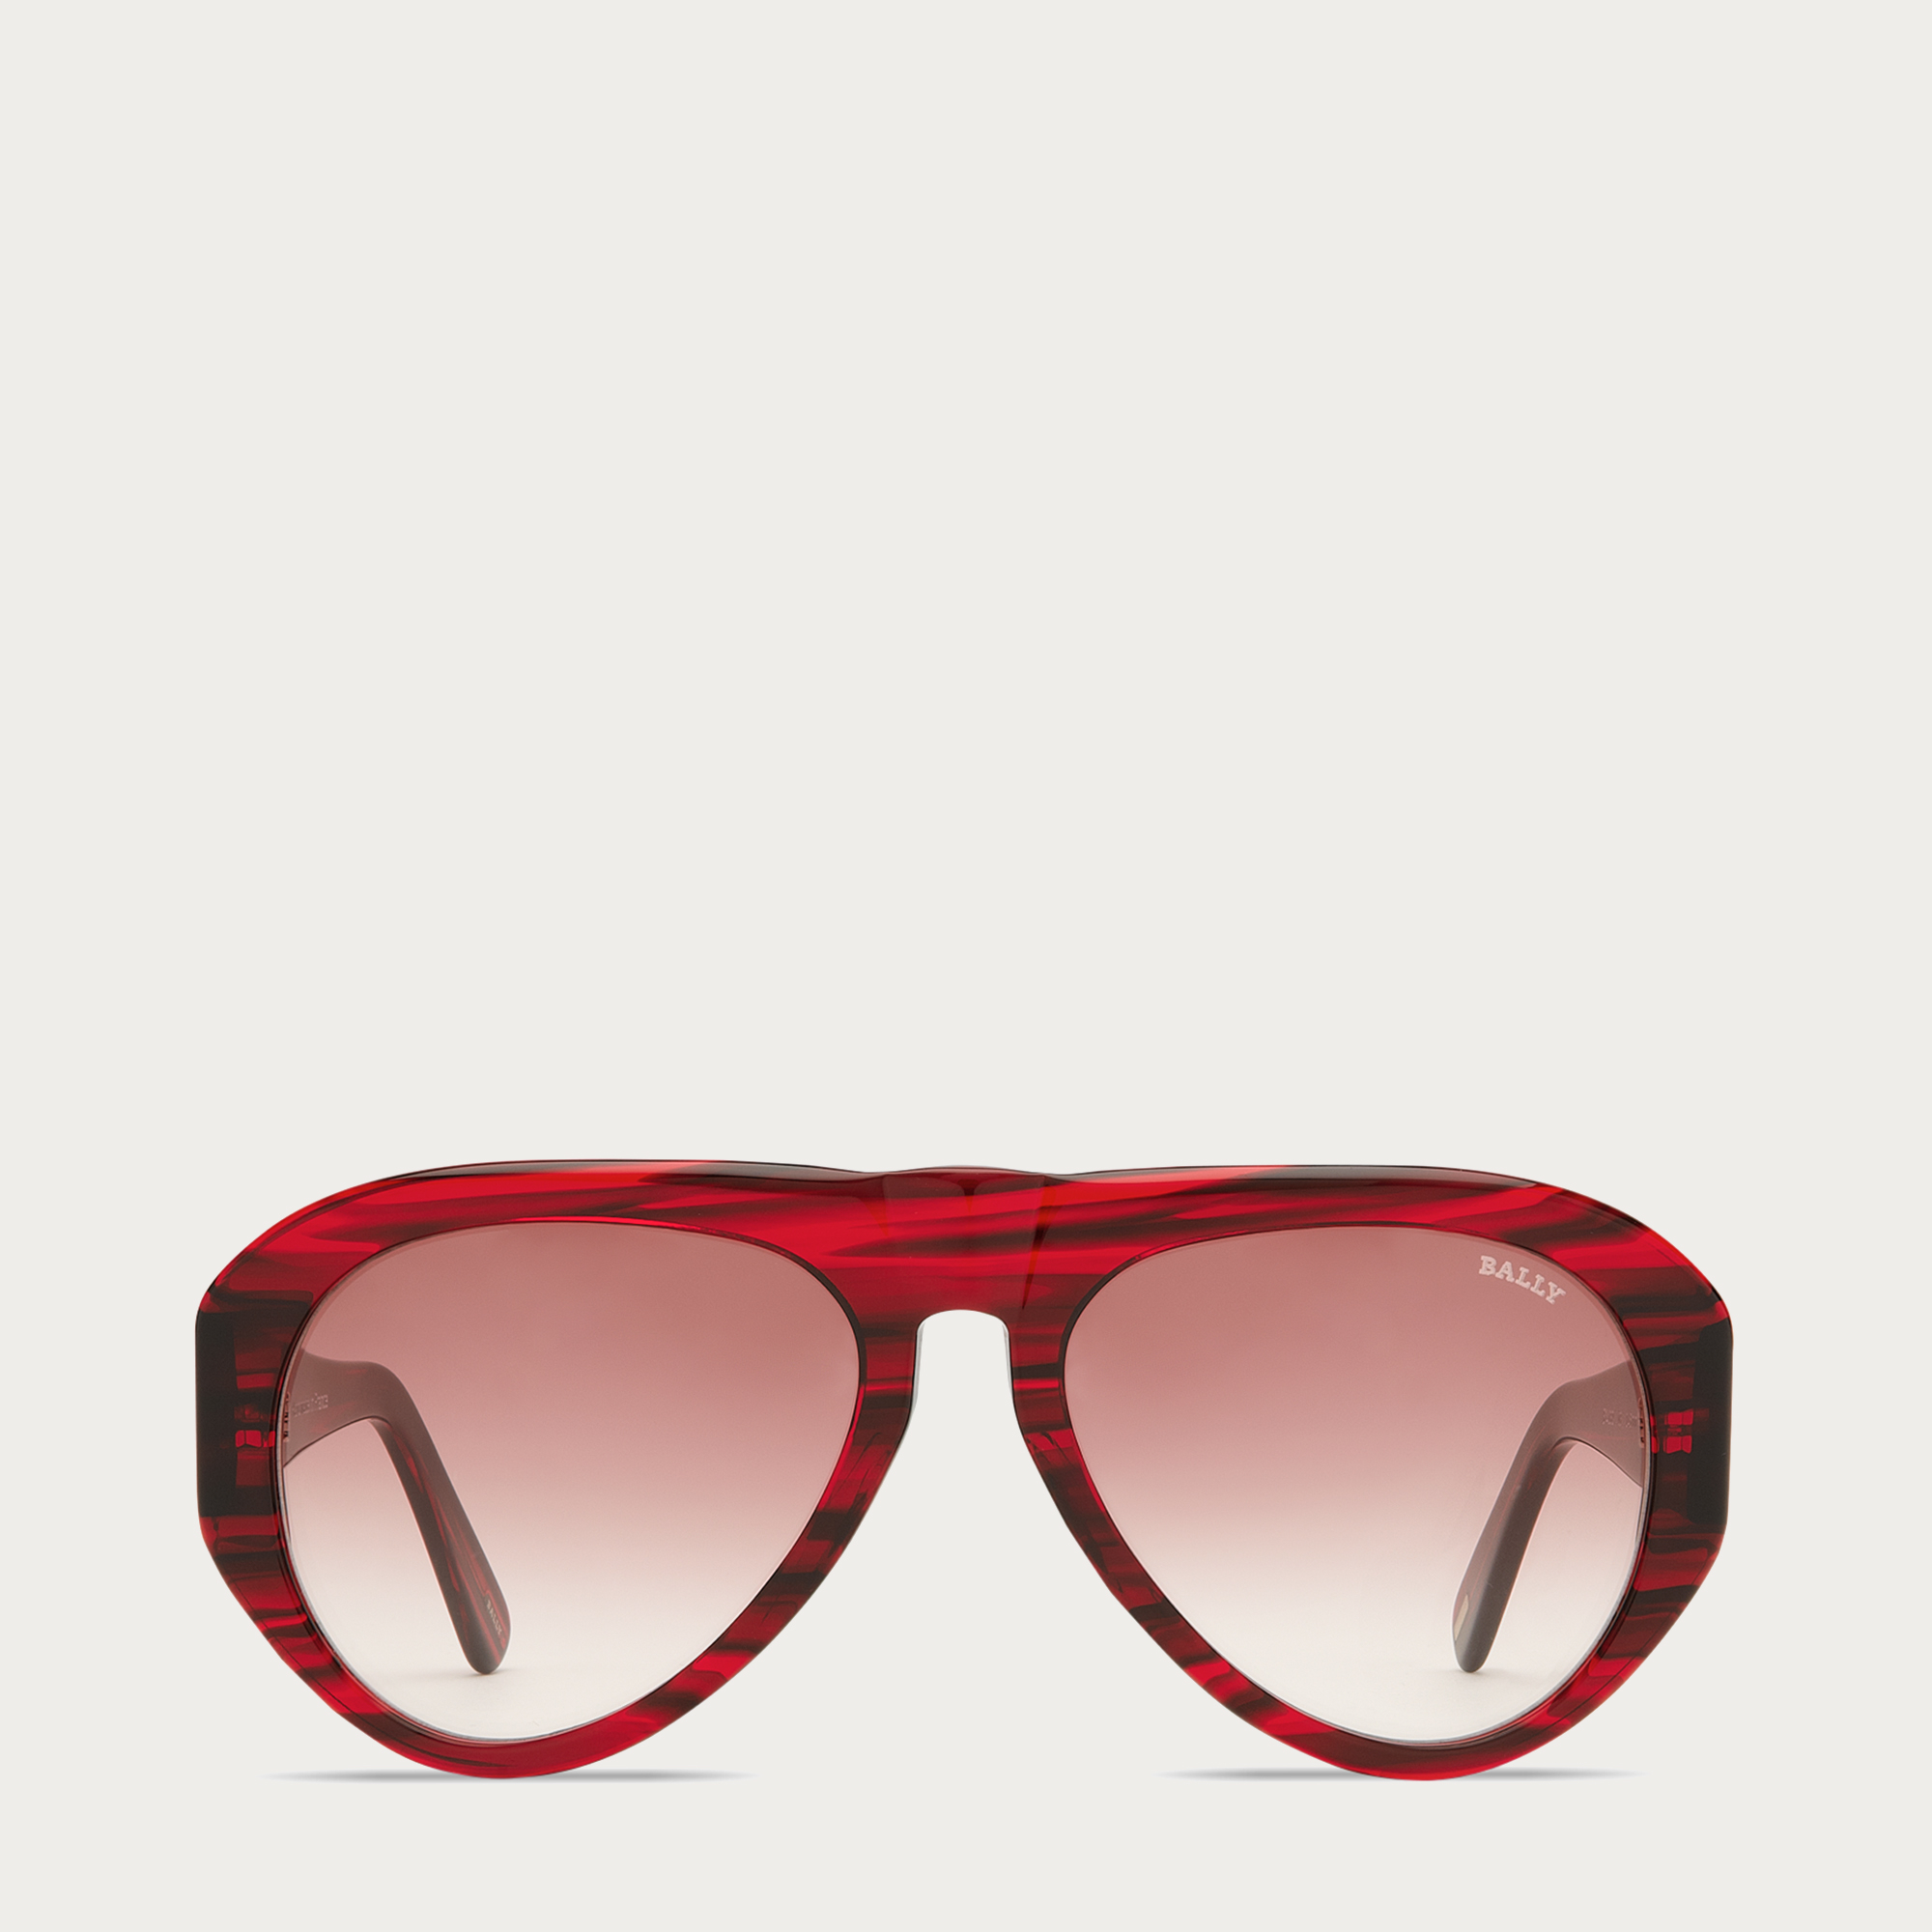 ba774d4334 Lyst - Bally Aviator Sunglasses in Red for Men